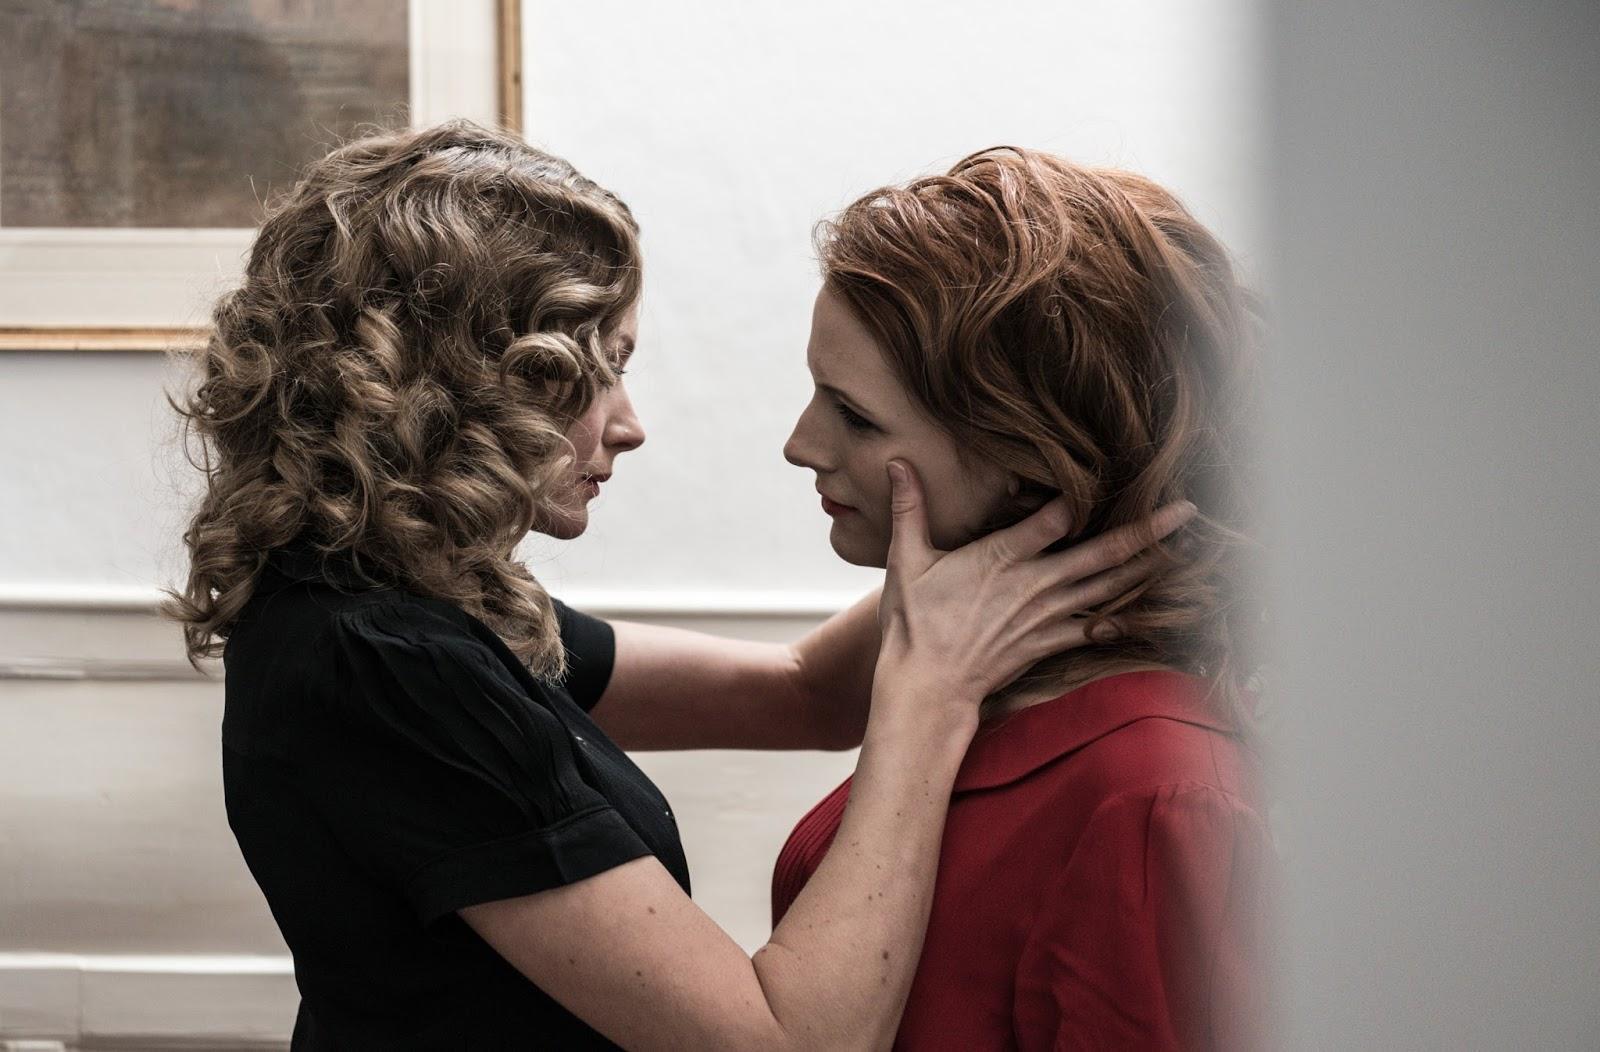 фильм про настоящих лесбиянок - 6